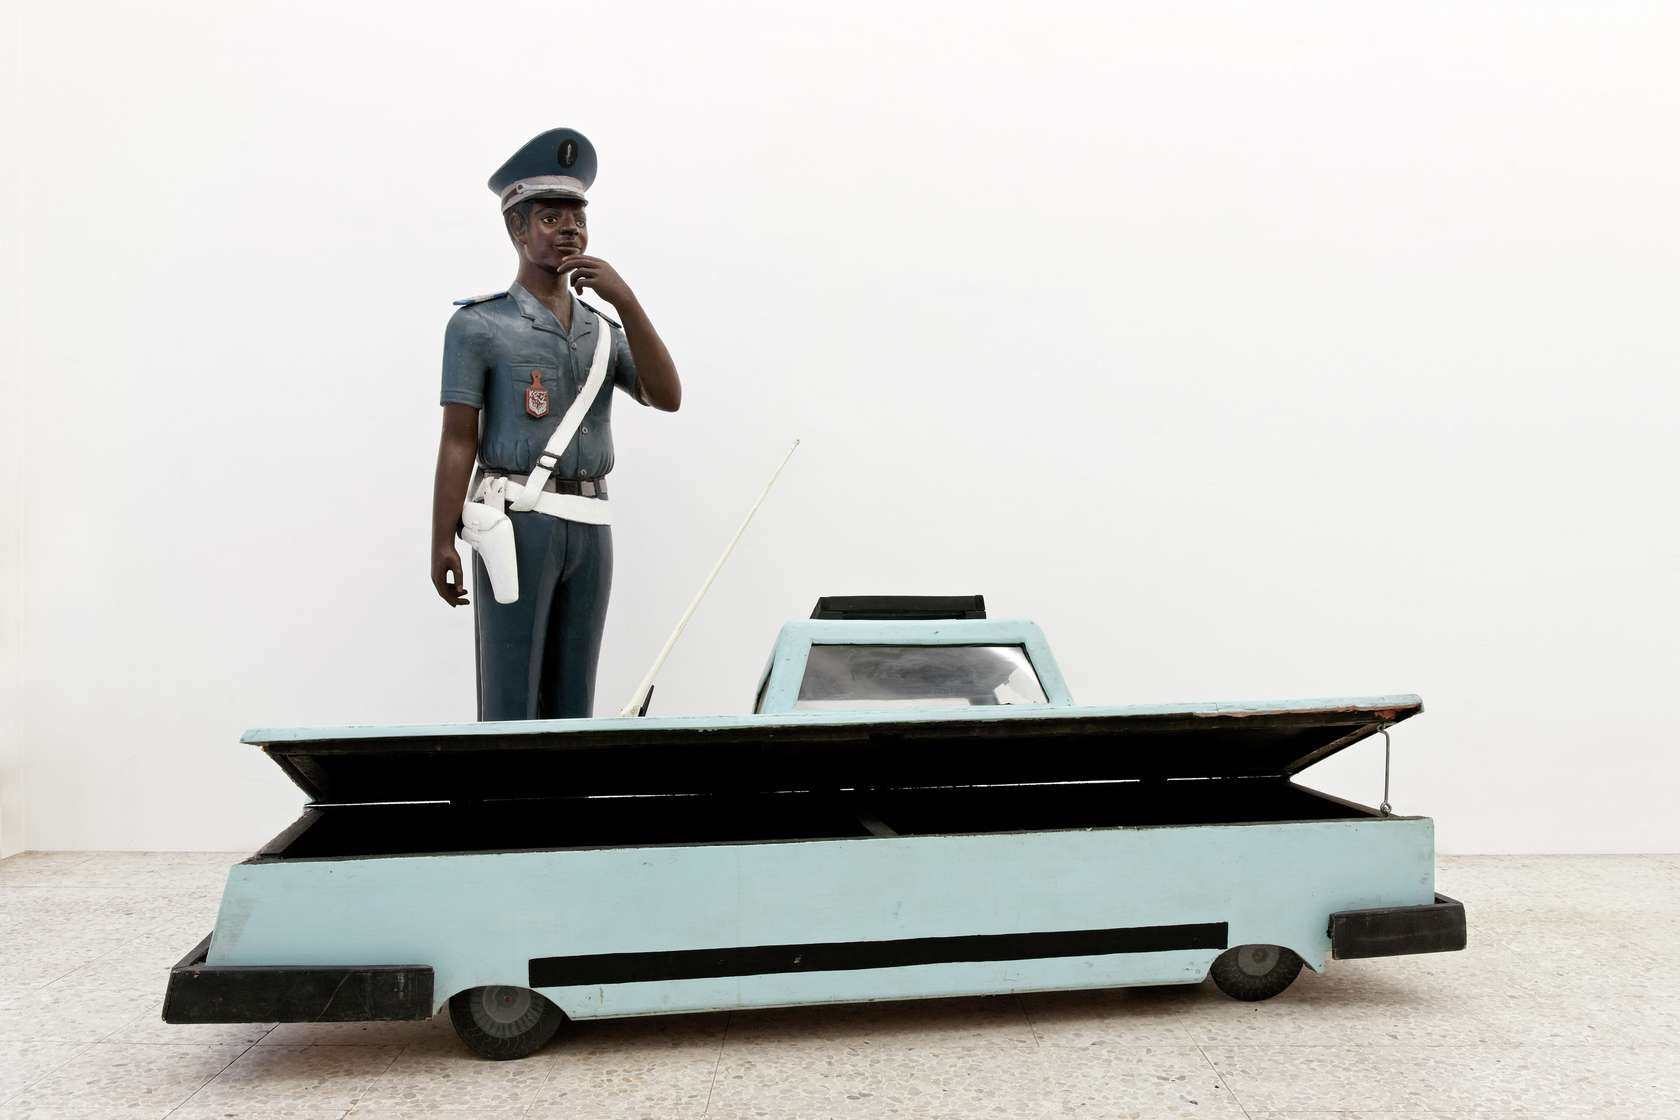 Présence Panchounette, Traffic, 1985 Mercedes-cercueuil en bois peint (Kane KWEI), Statue en bois peint (Damas) et Miniatures57 x 205.5 x 52.5 cm / 22 1/2 x 80 7/8 x 20 5/8 inches